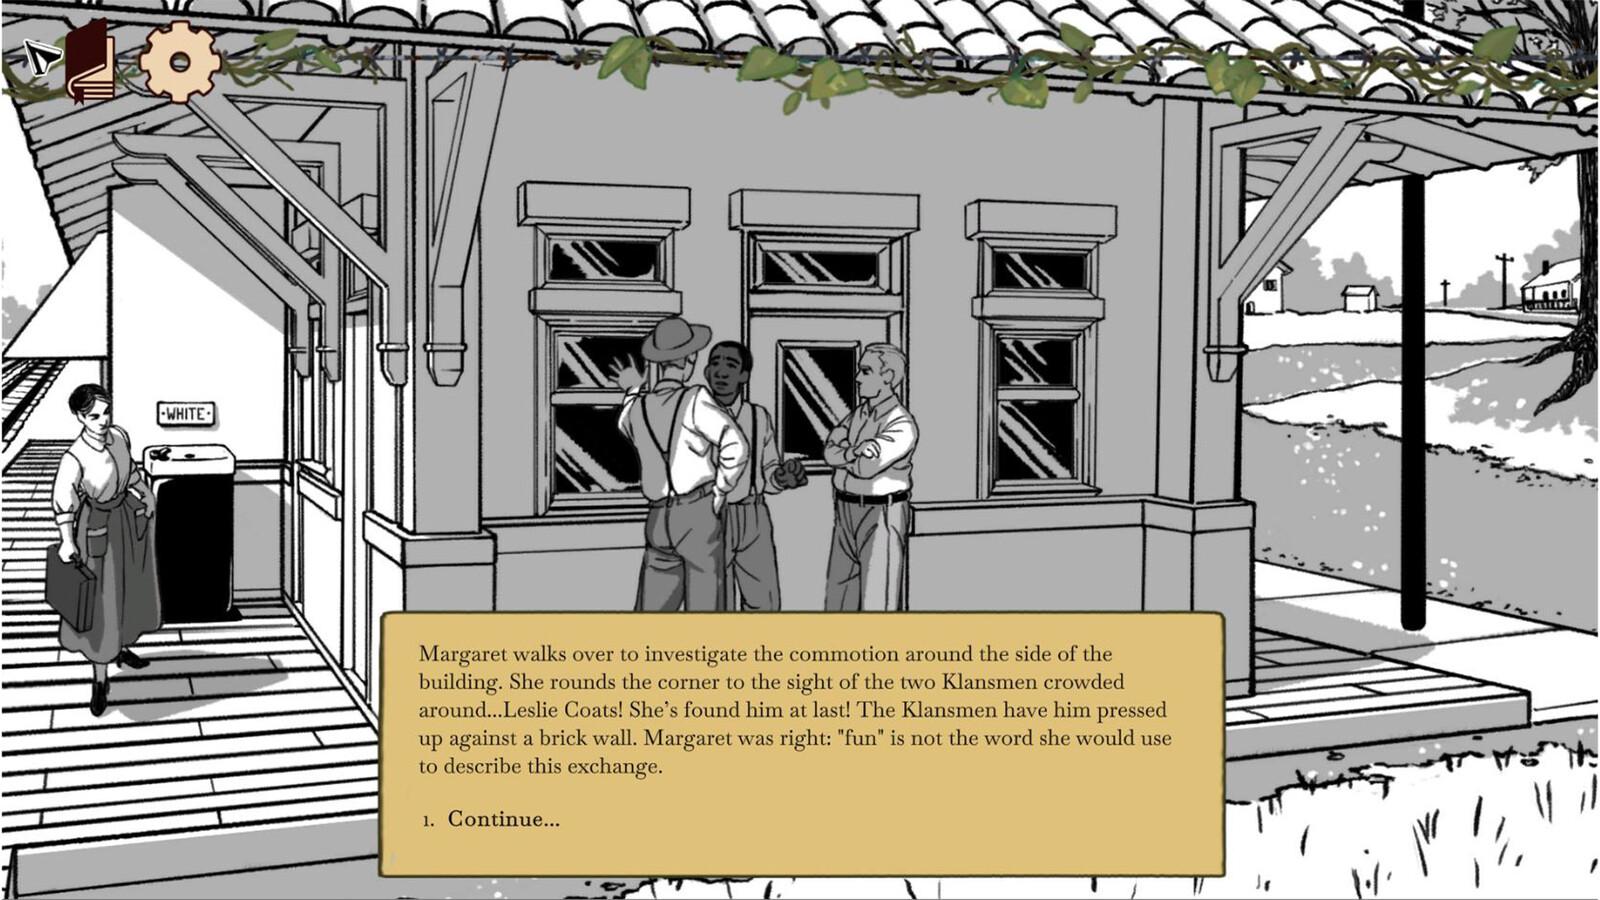 Scene 6 - Margaret finds Leslie at the station, confronted by two Klansmen.